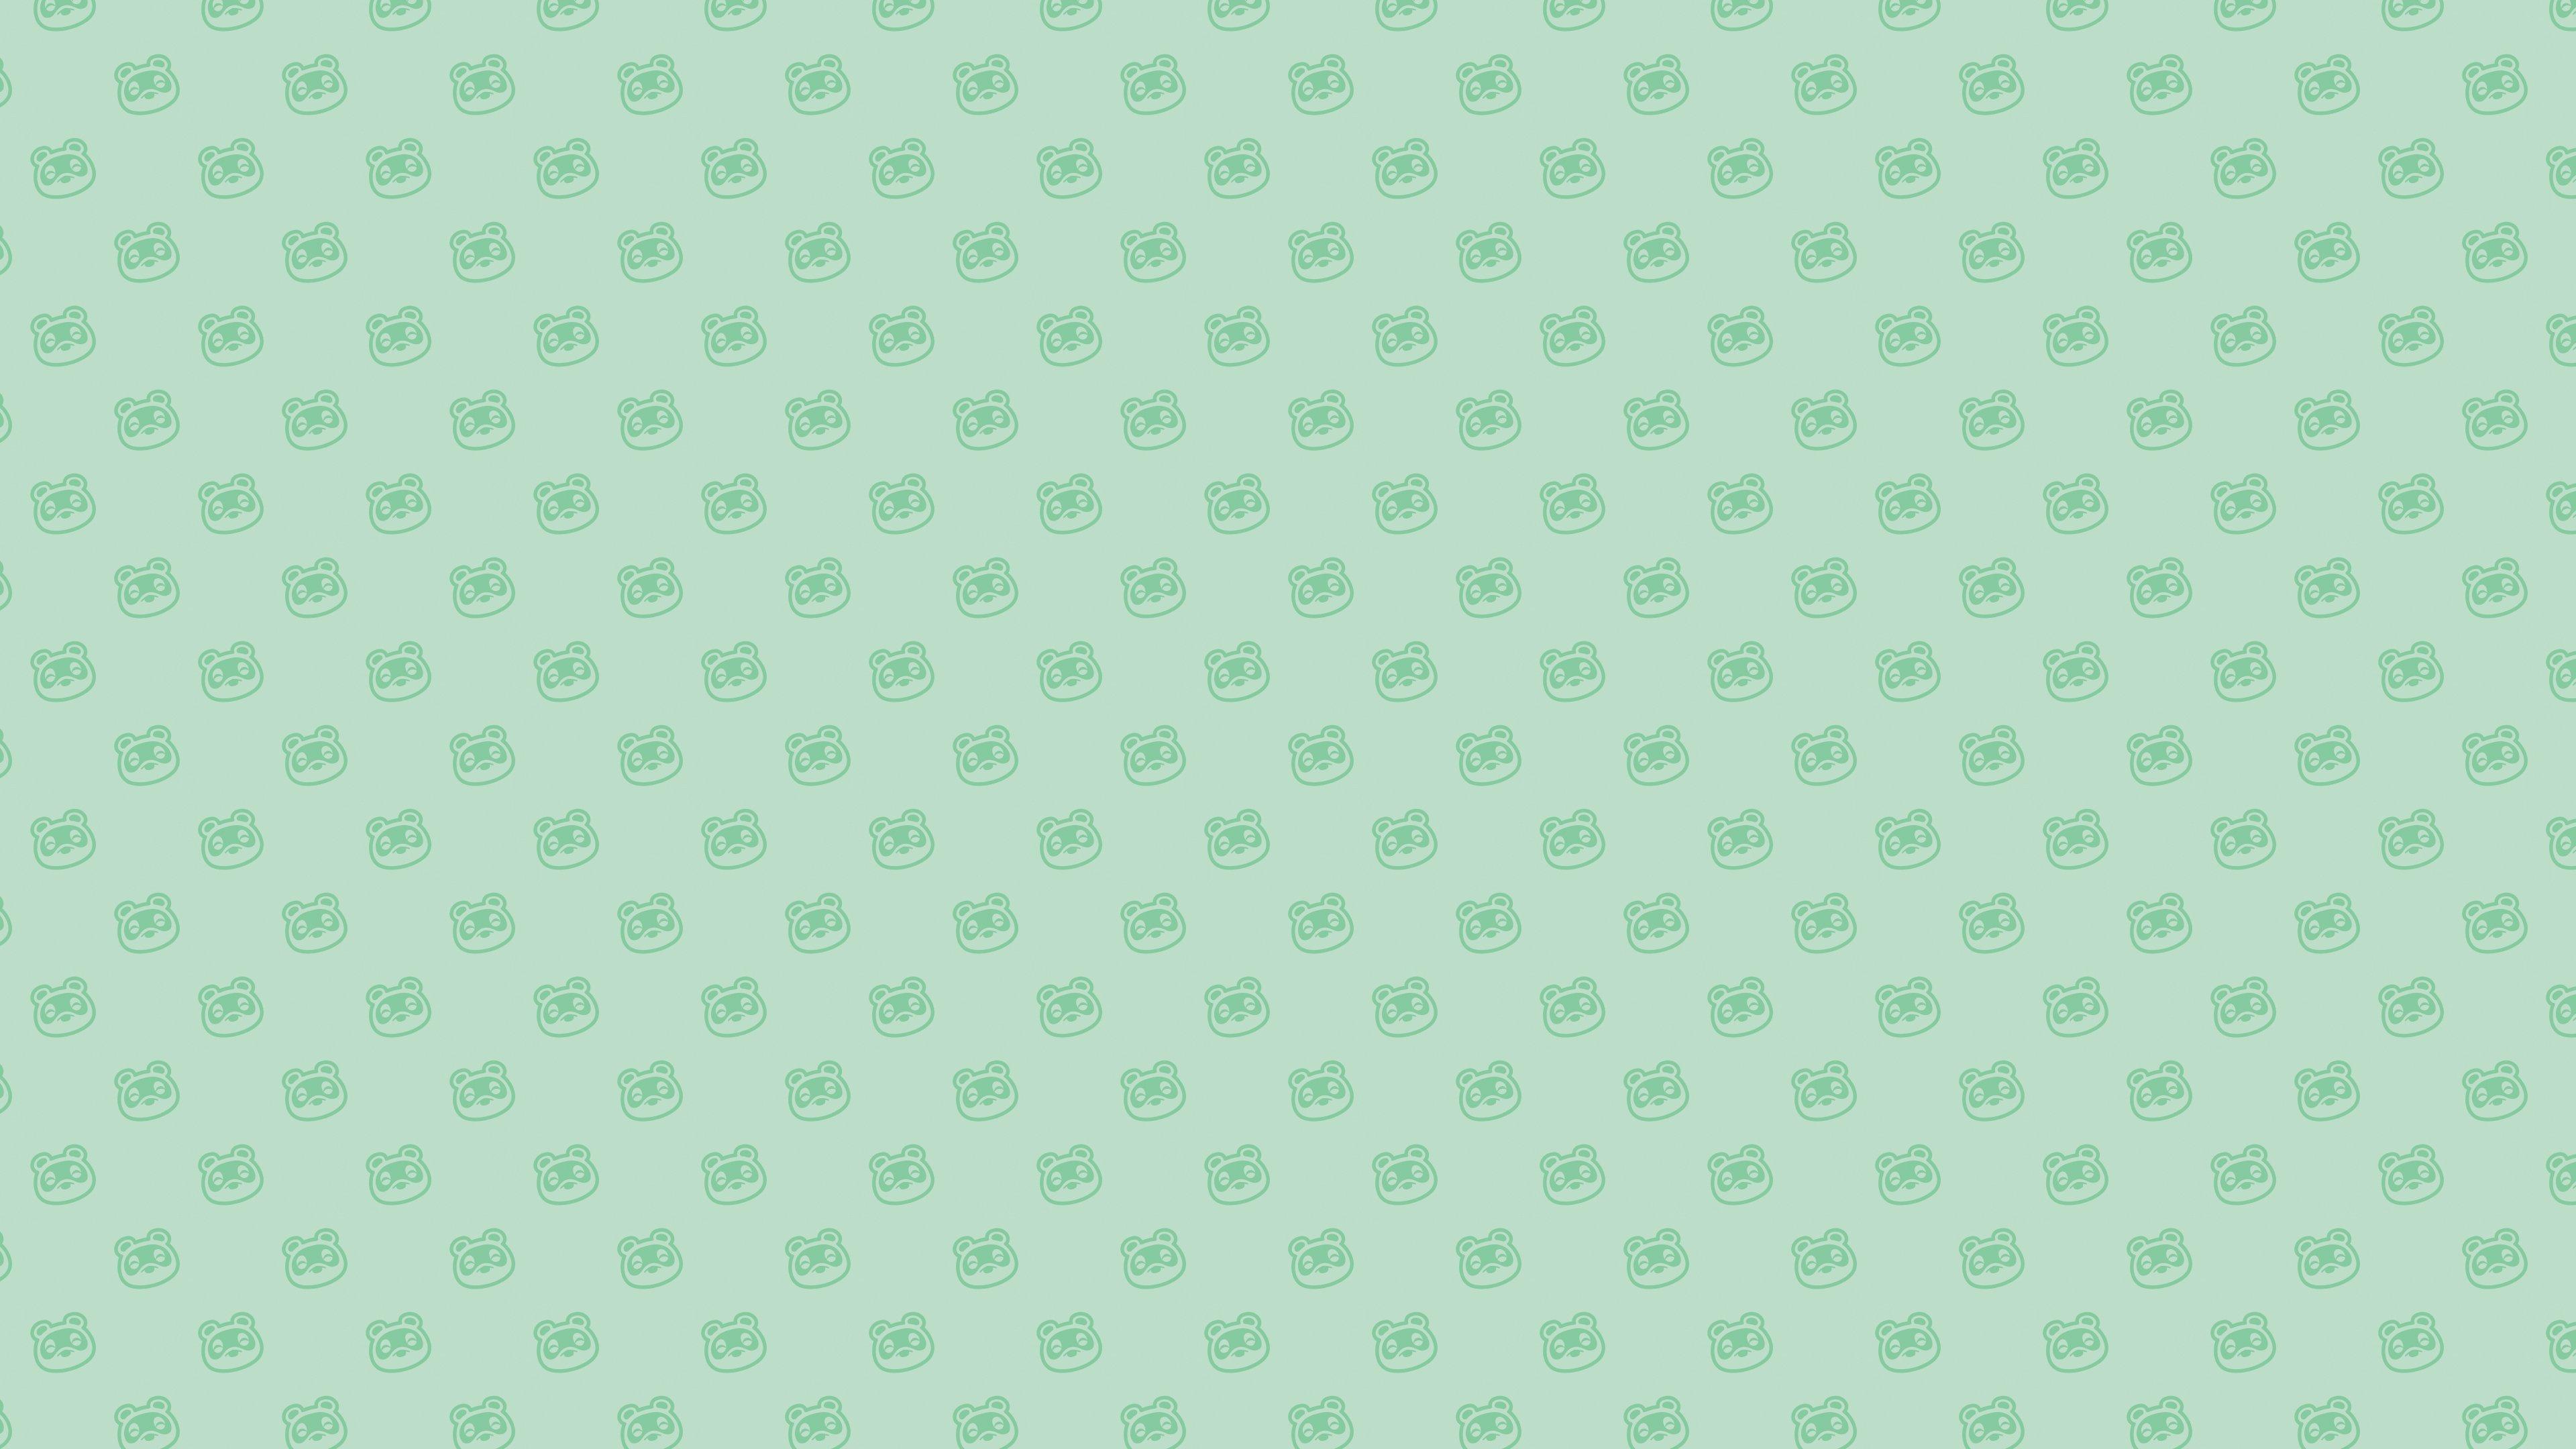 Fondos de pantalla Patrón Tom Nook de Animal Crossing